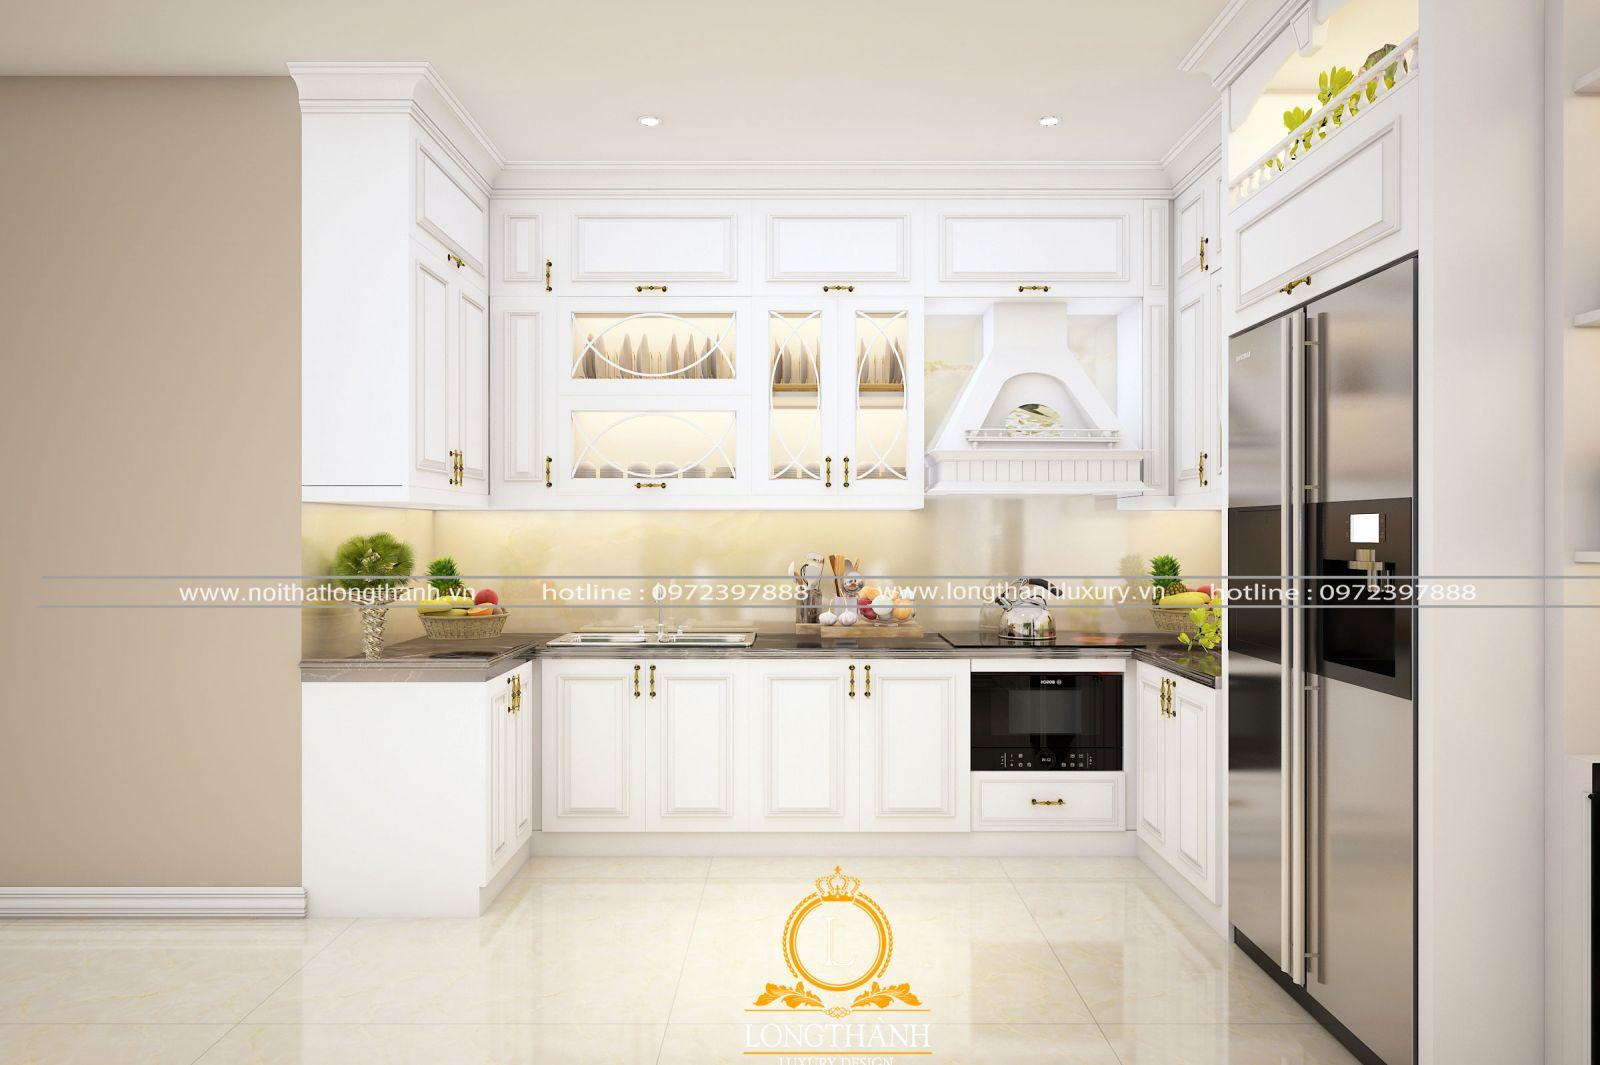 Bộ tủ bếp tân cổ điển đẹp với gam màu trắng tinh